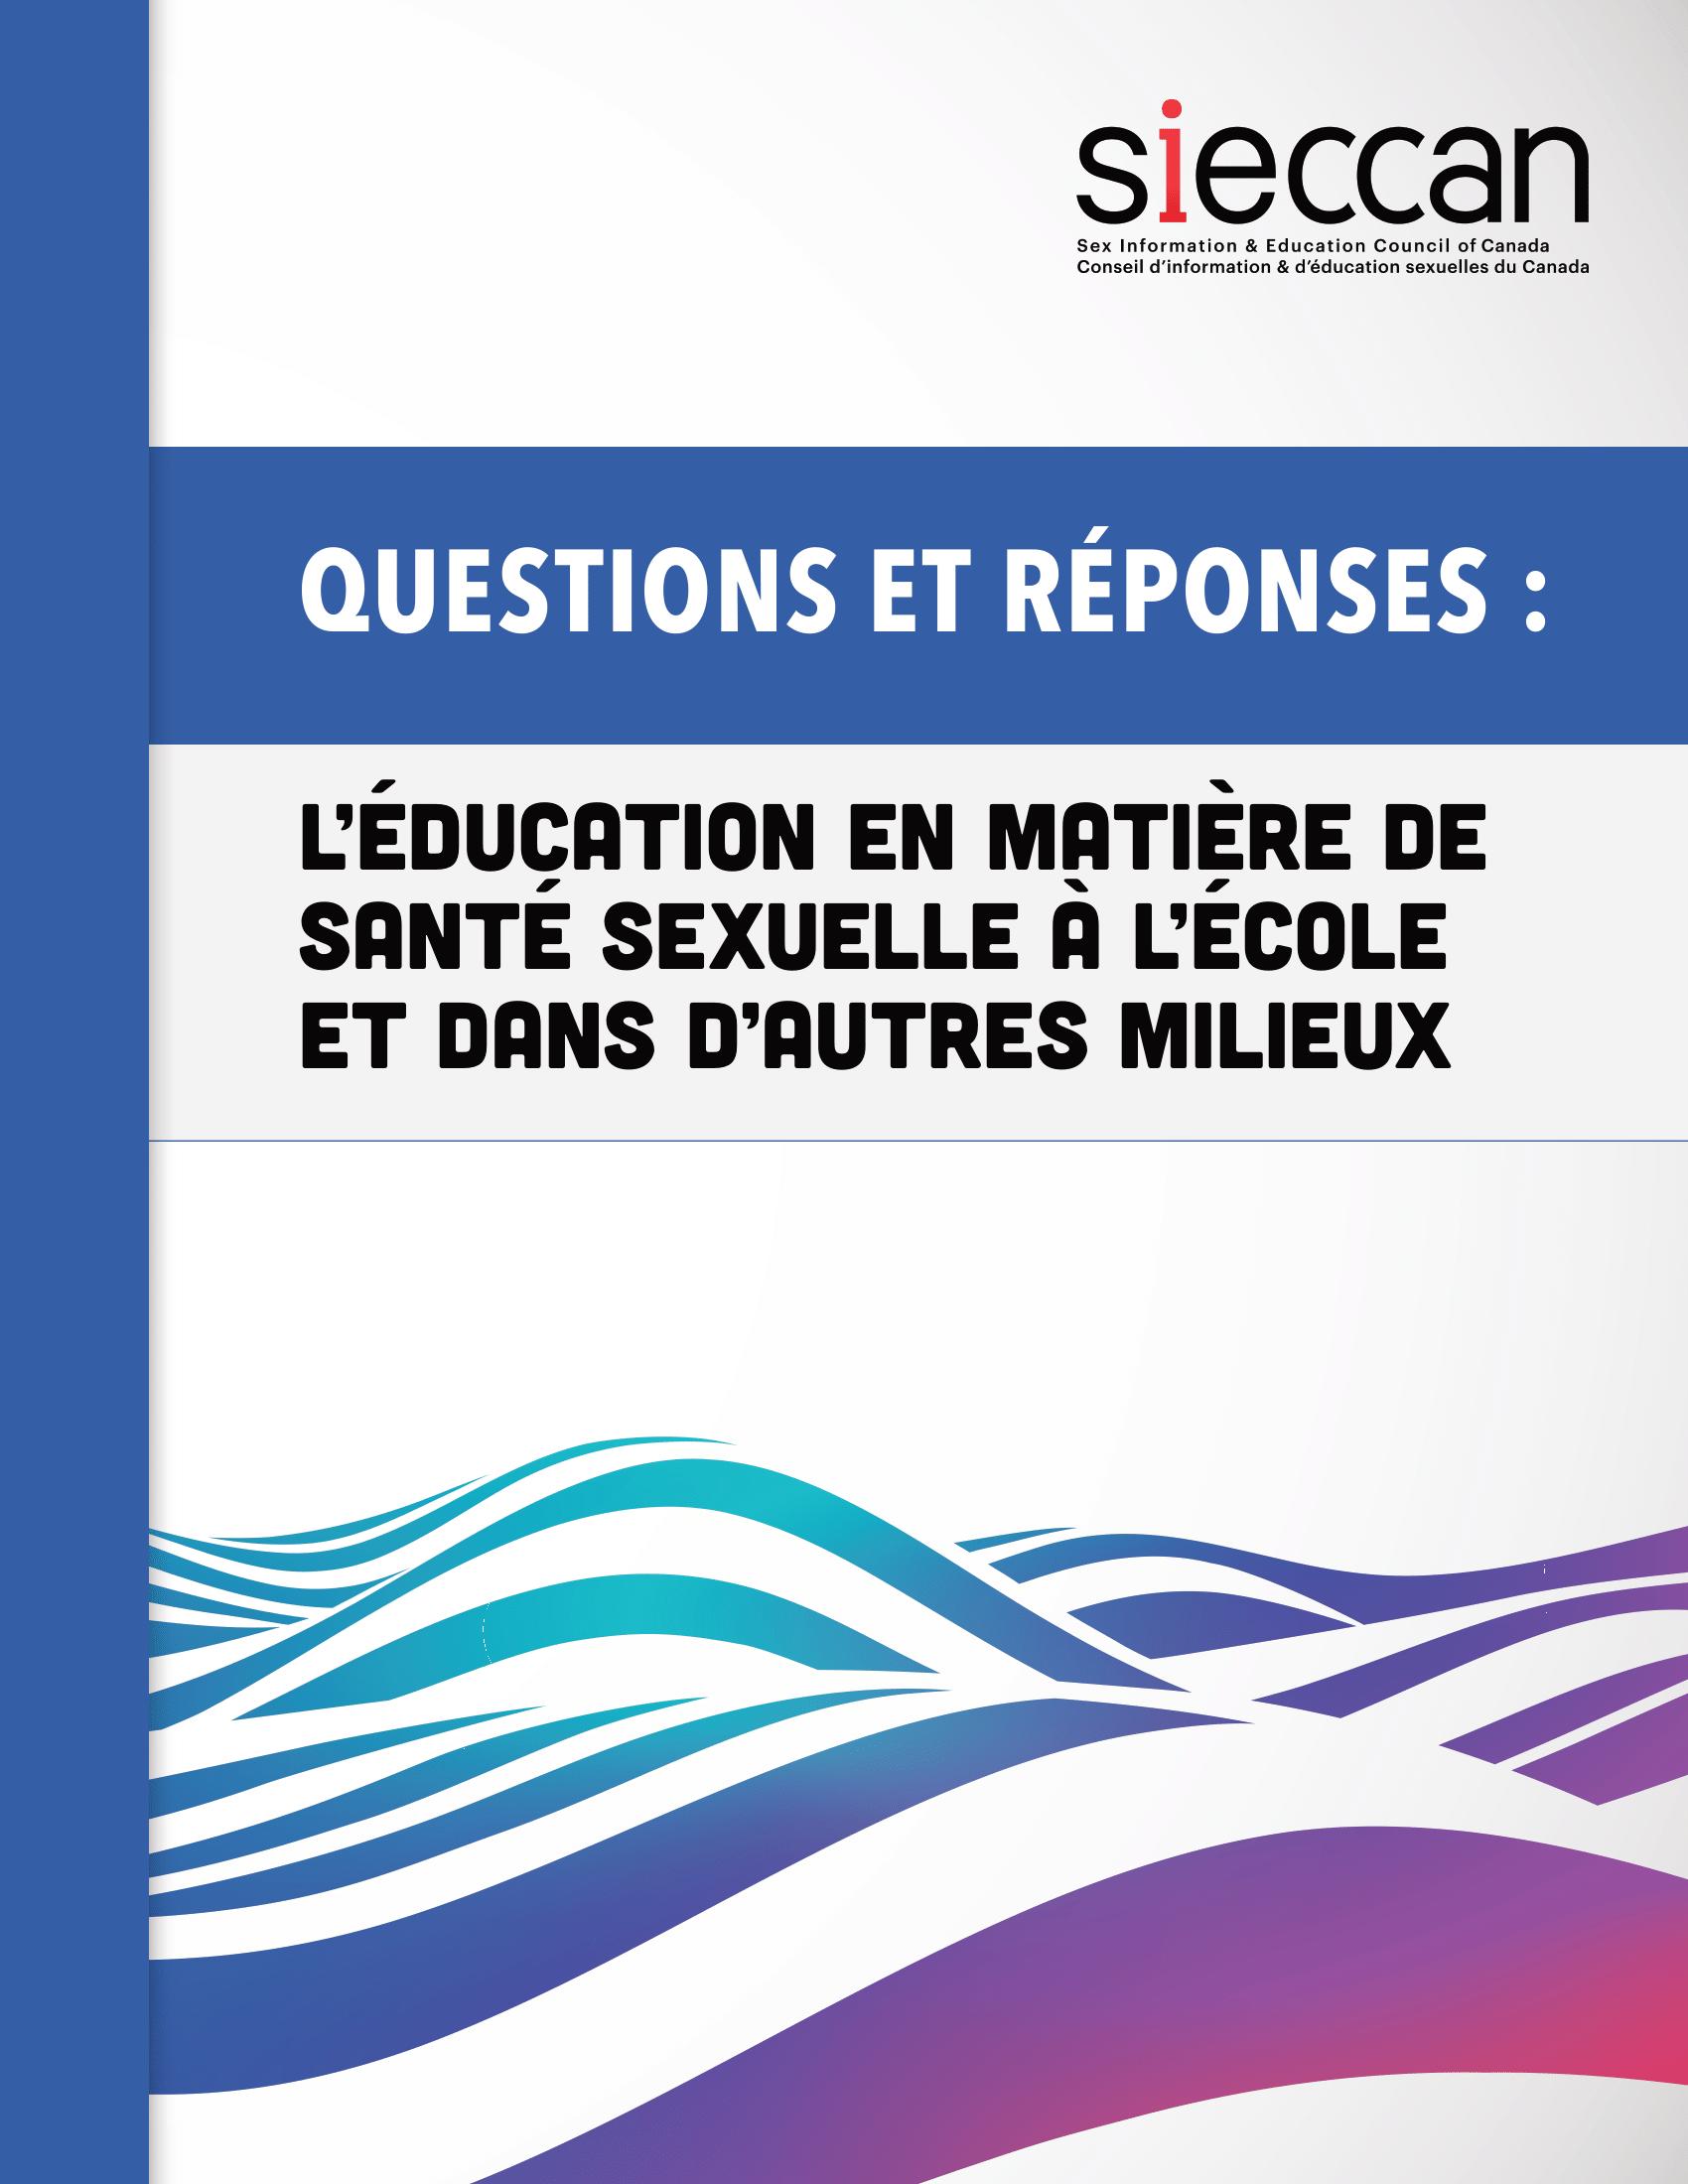 Questions et réponses: Éducation en matière de santé sexuelle dans les écoles et d'autres milieux Image